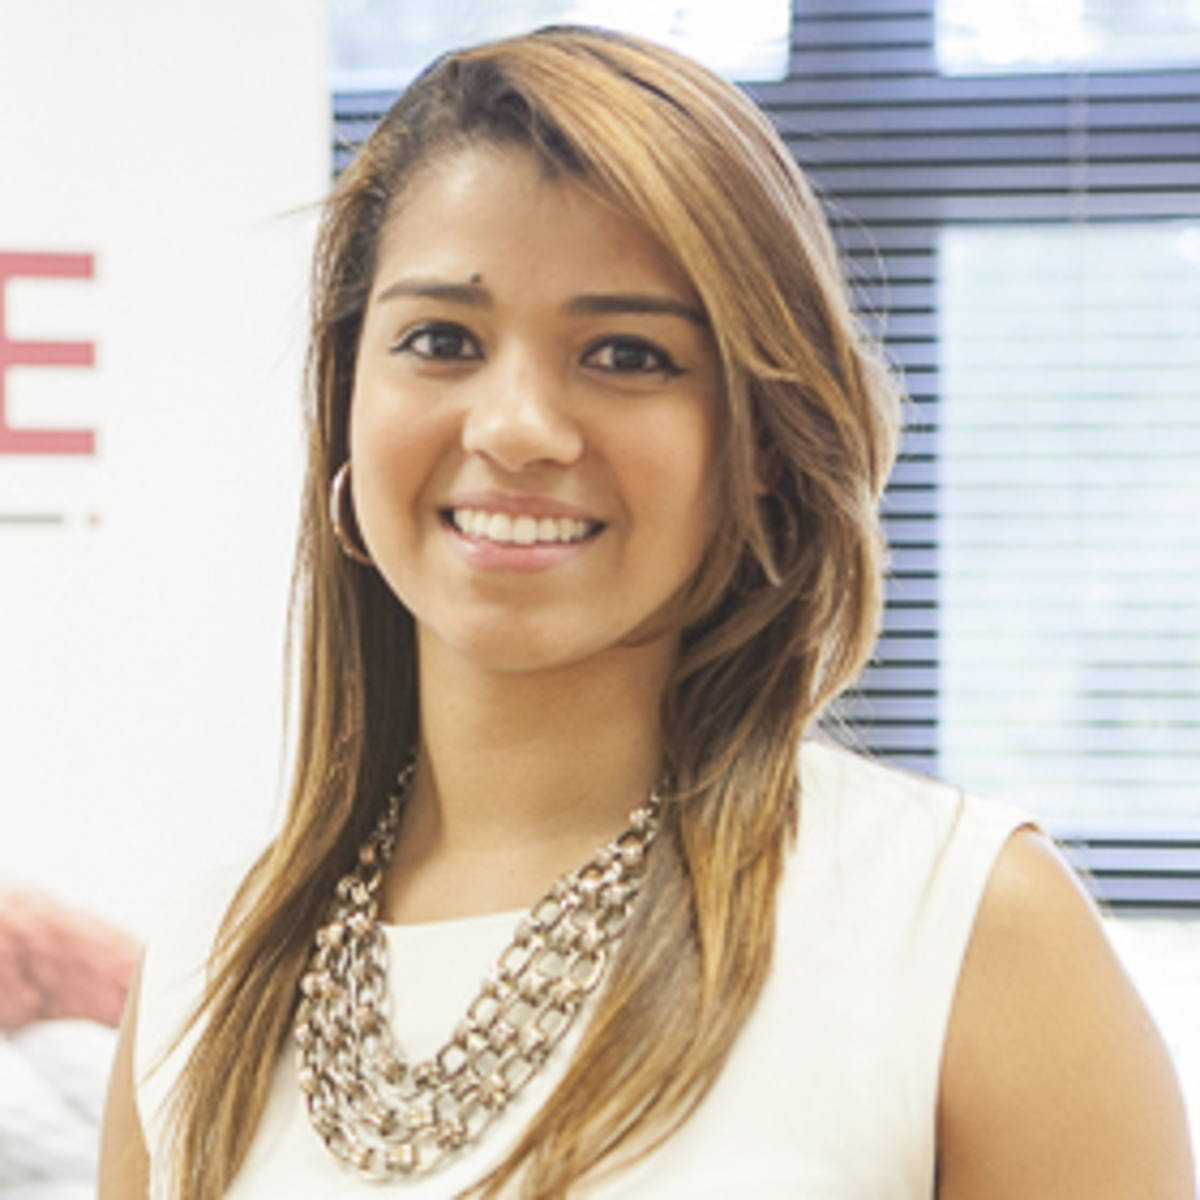 Lilibeth Rodríguez Sánchez - Máster en Dirección de Empresas MBA